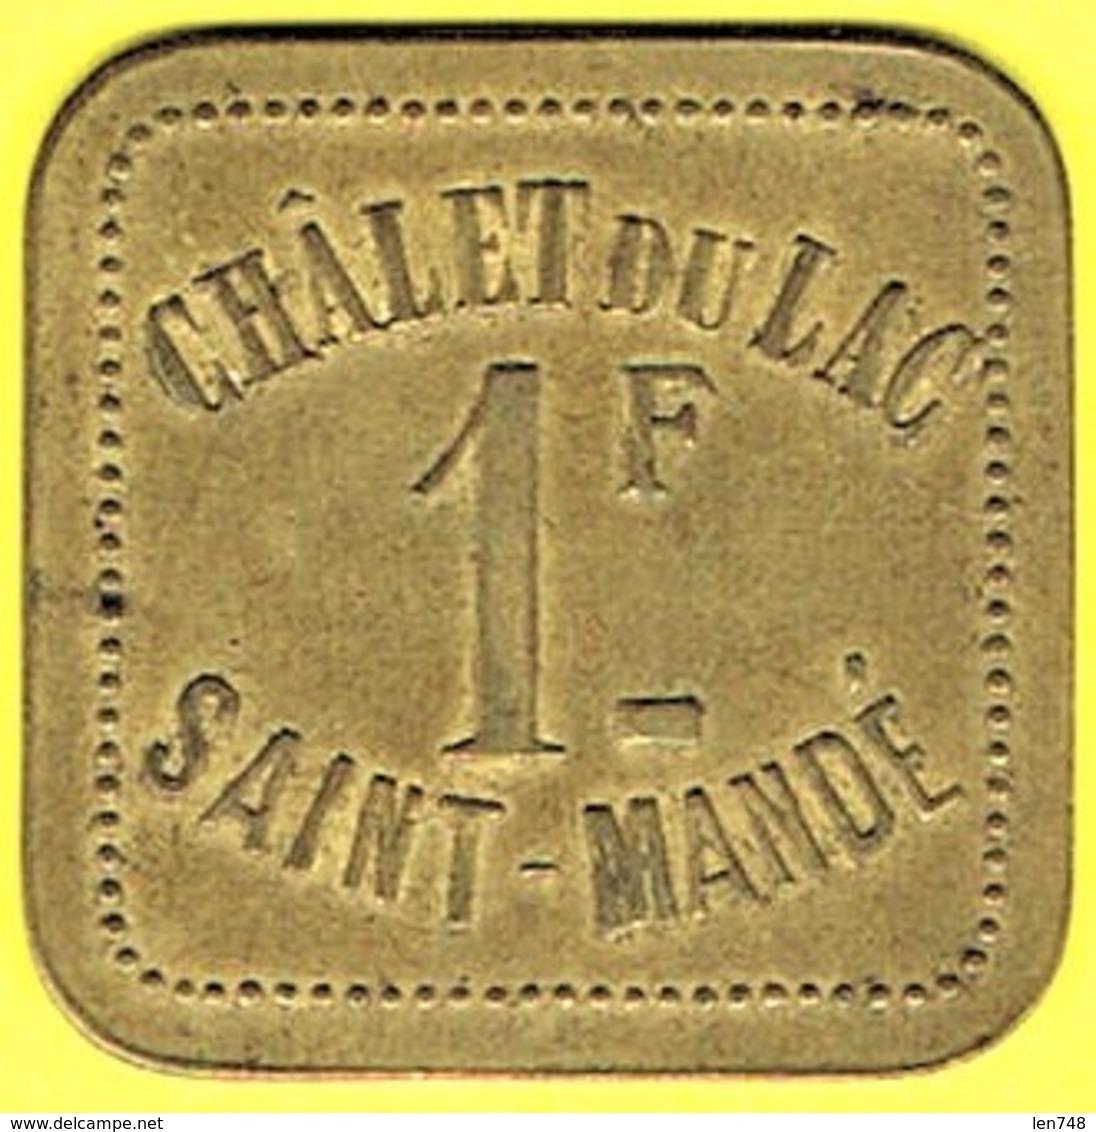 Nécessité - Jeton De Bal - CHALET DU LAC à SAINT-MANDE (94) - Monétaires / De Nécessité